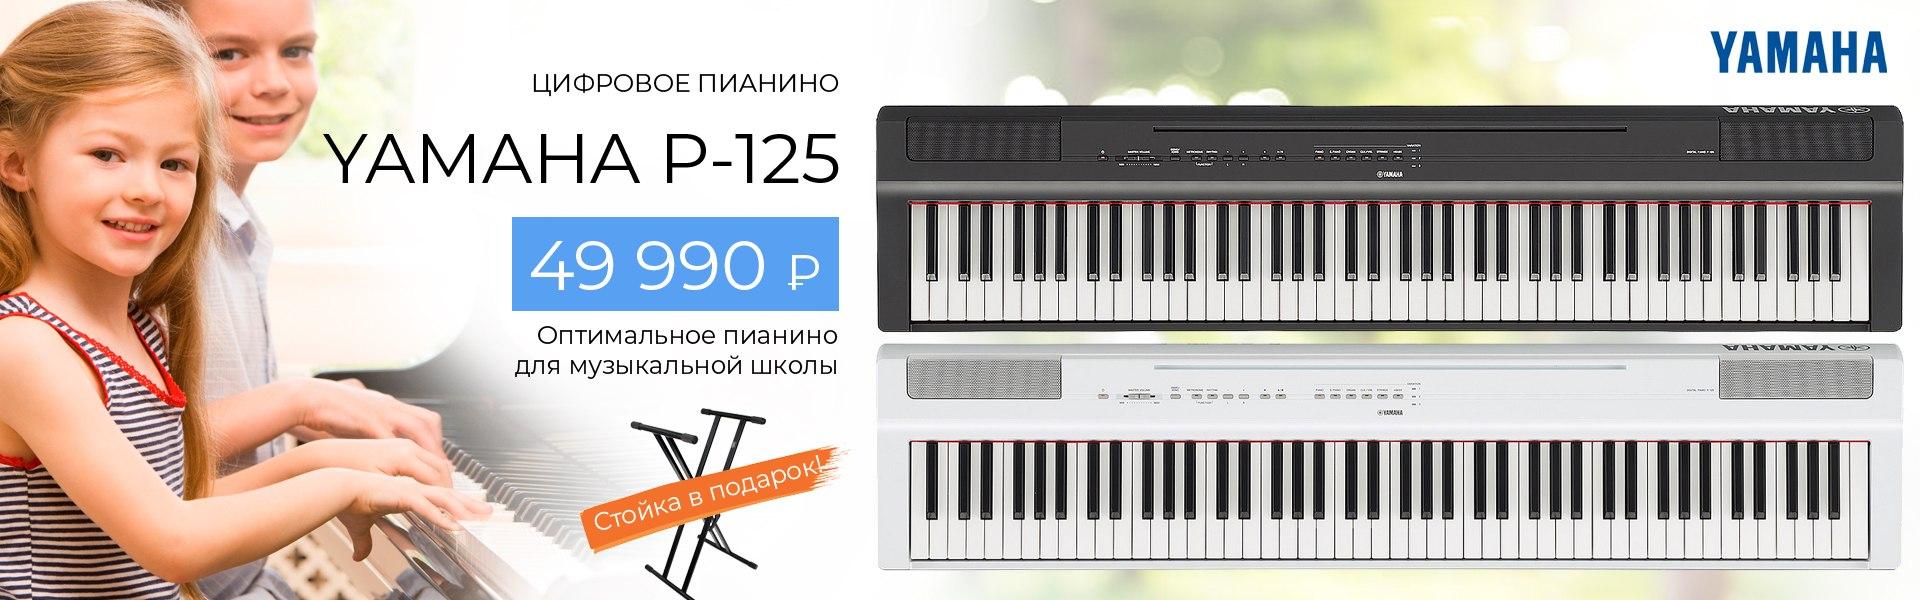 Цифровое пианино Yamaha P-125